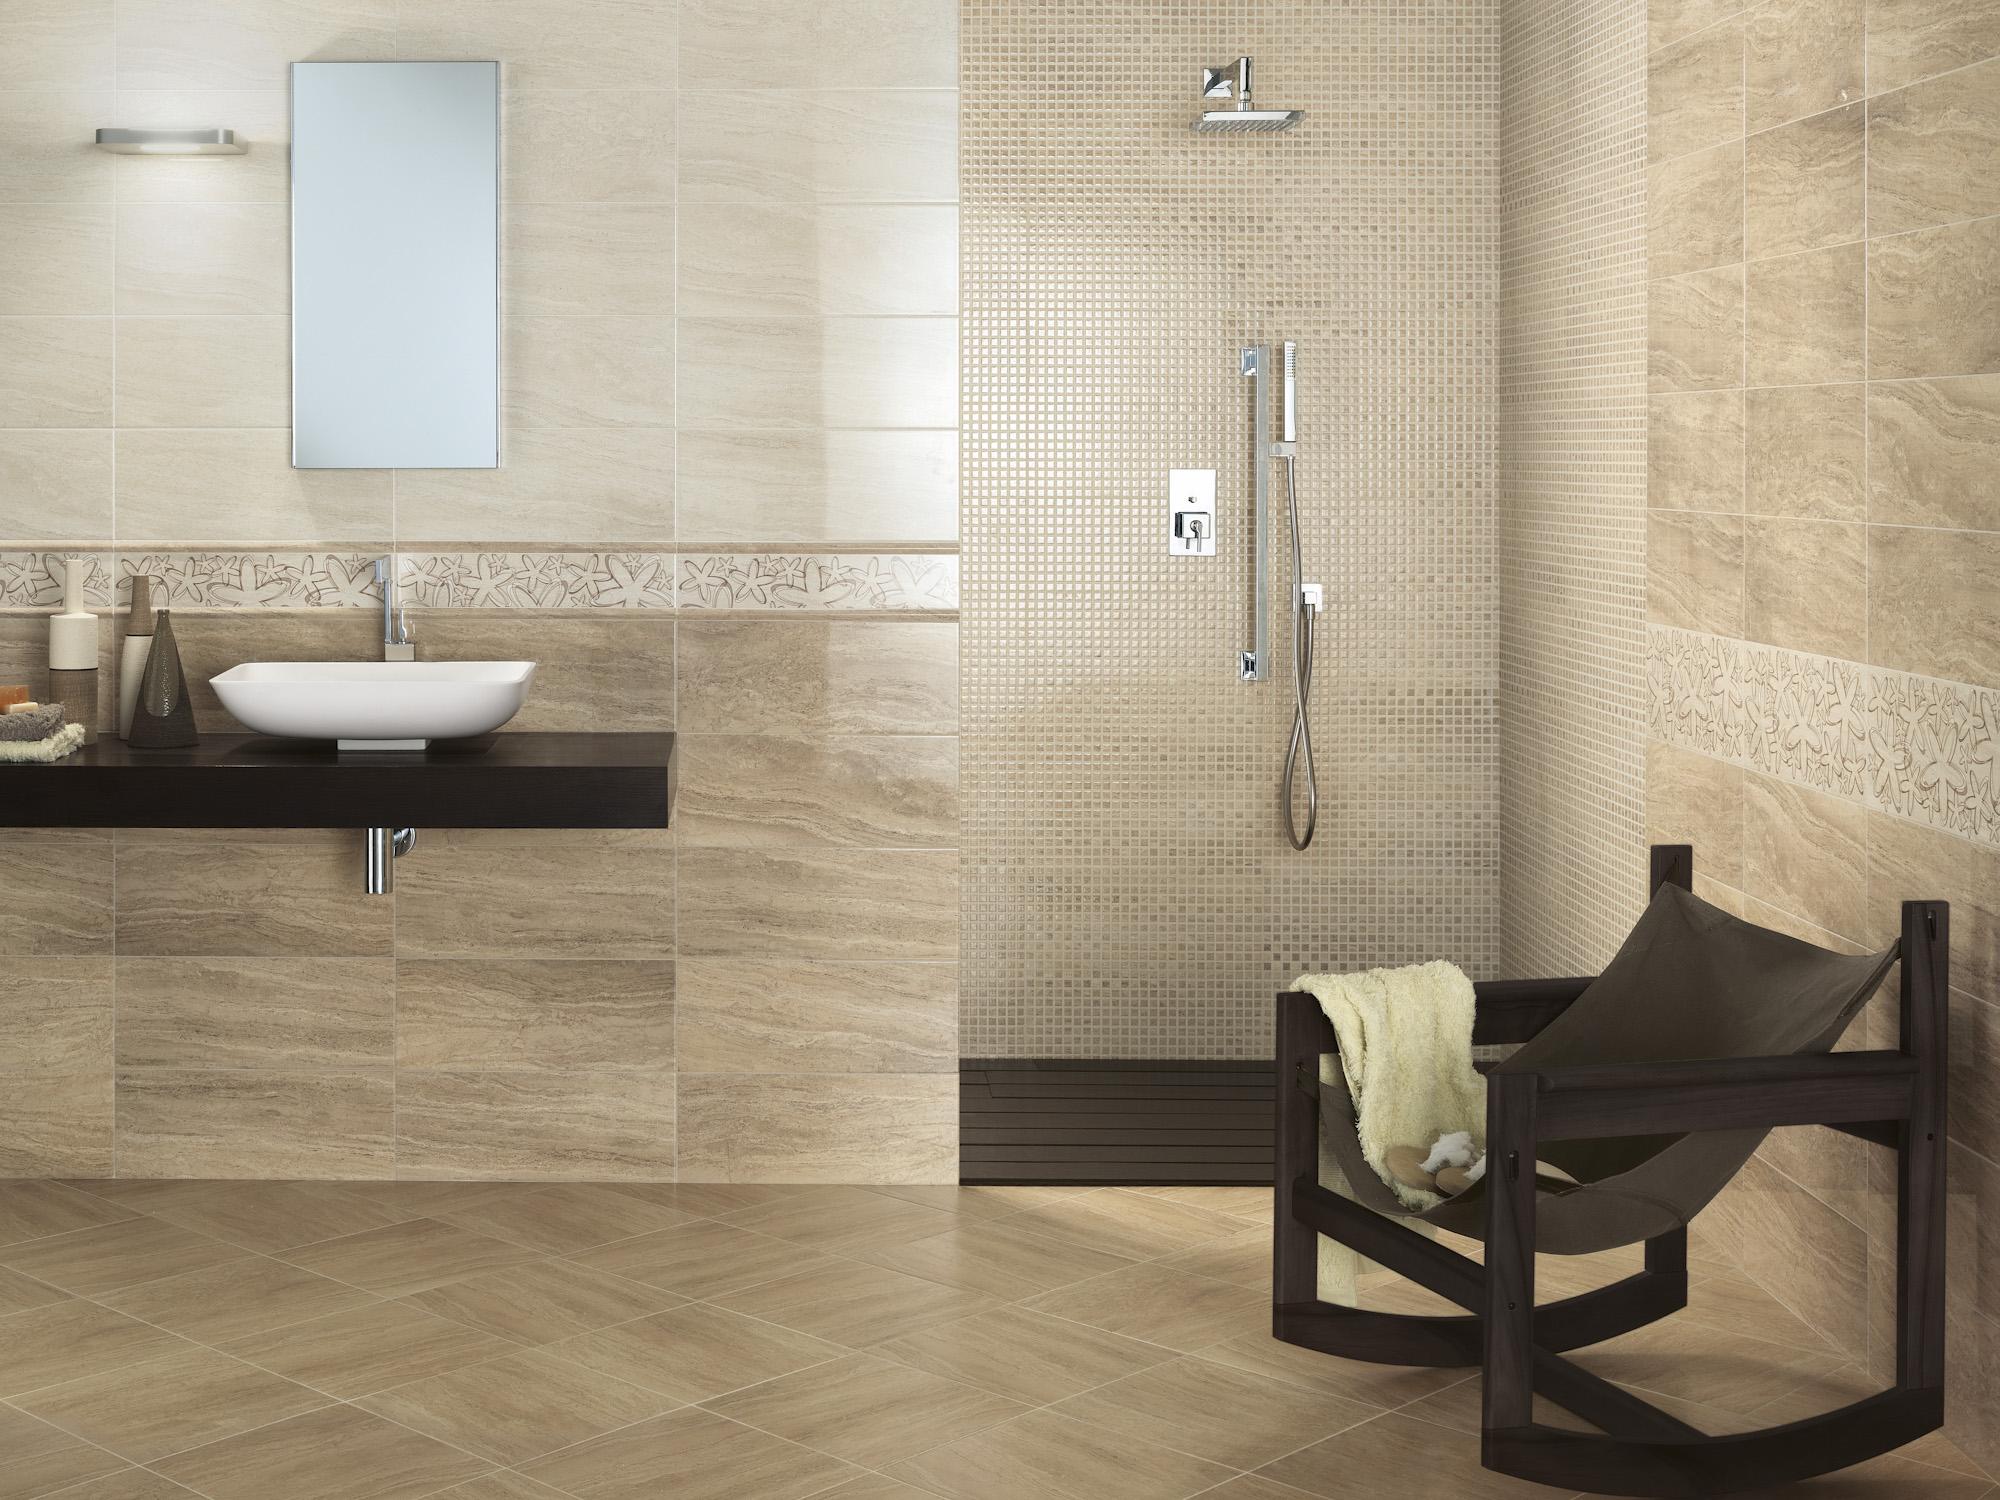 ceramiche bagno catalogo ~ Comarg.com = Lussuoso Design del Bagno ...